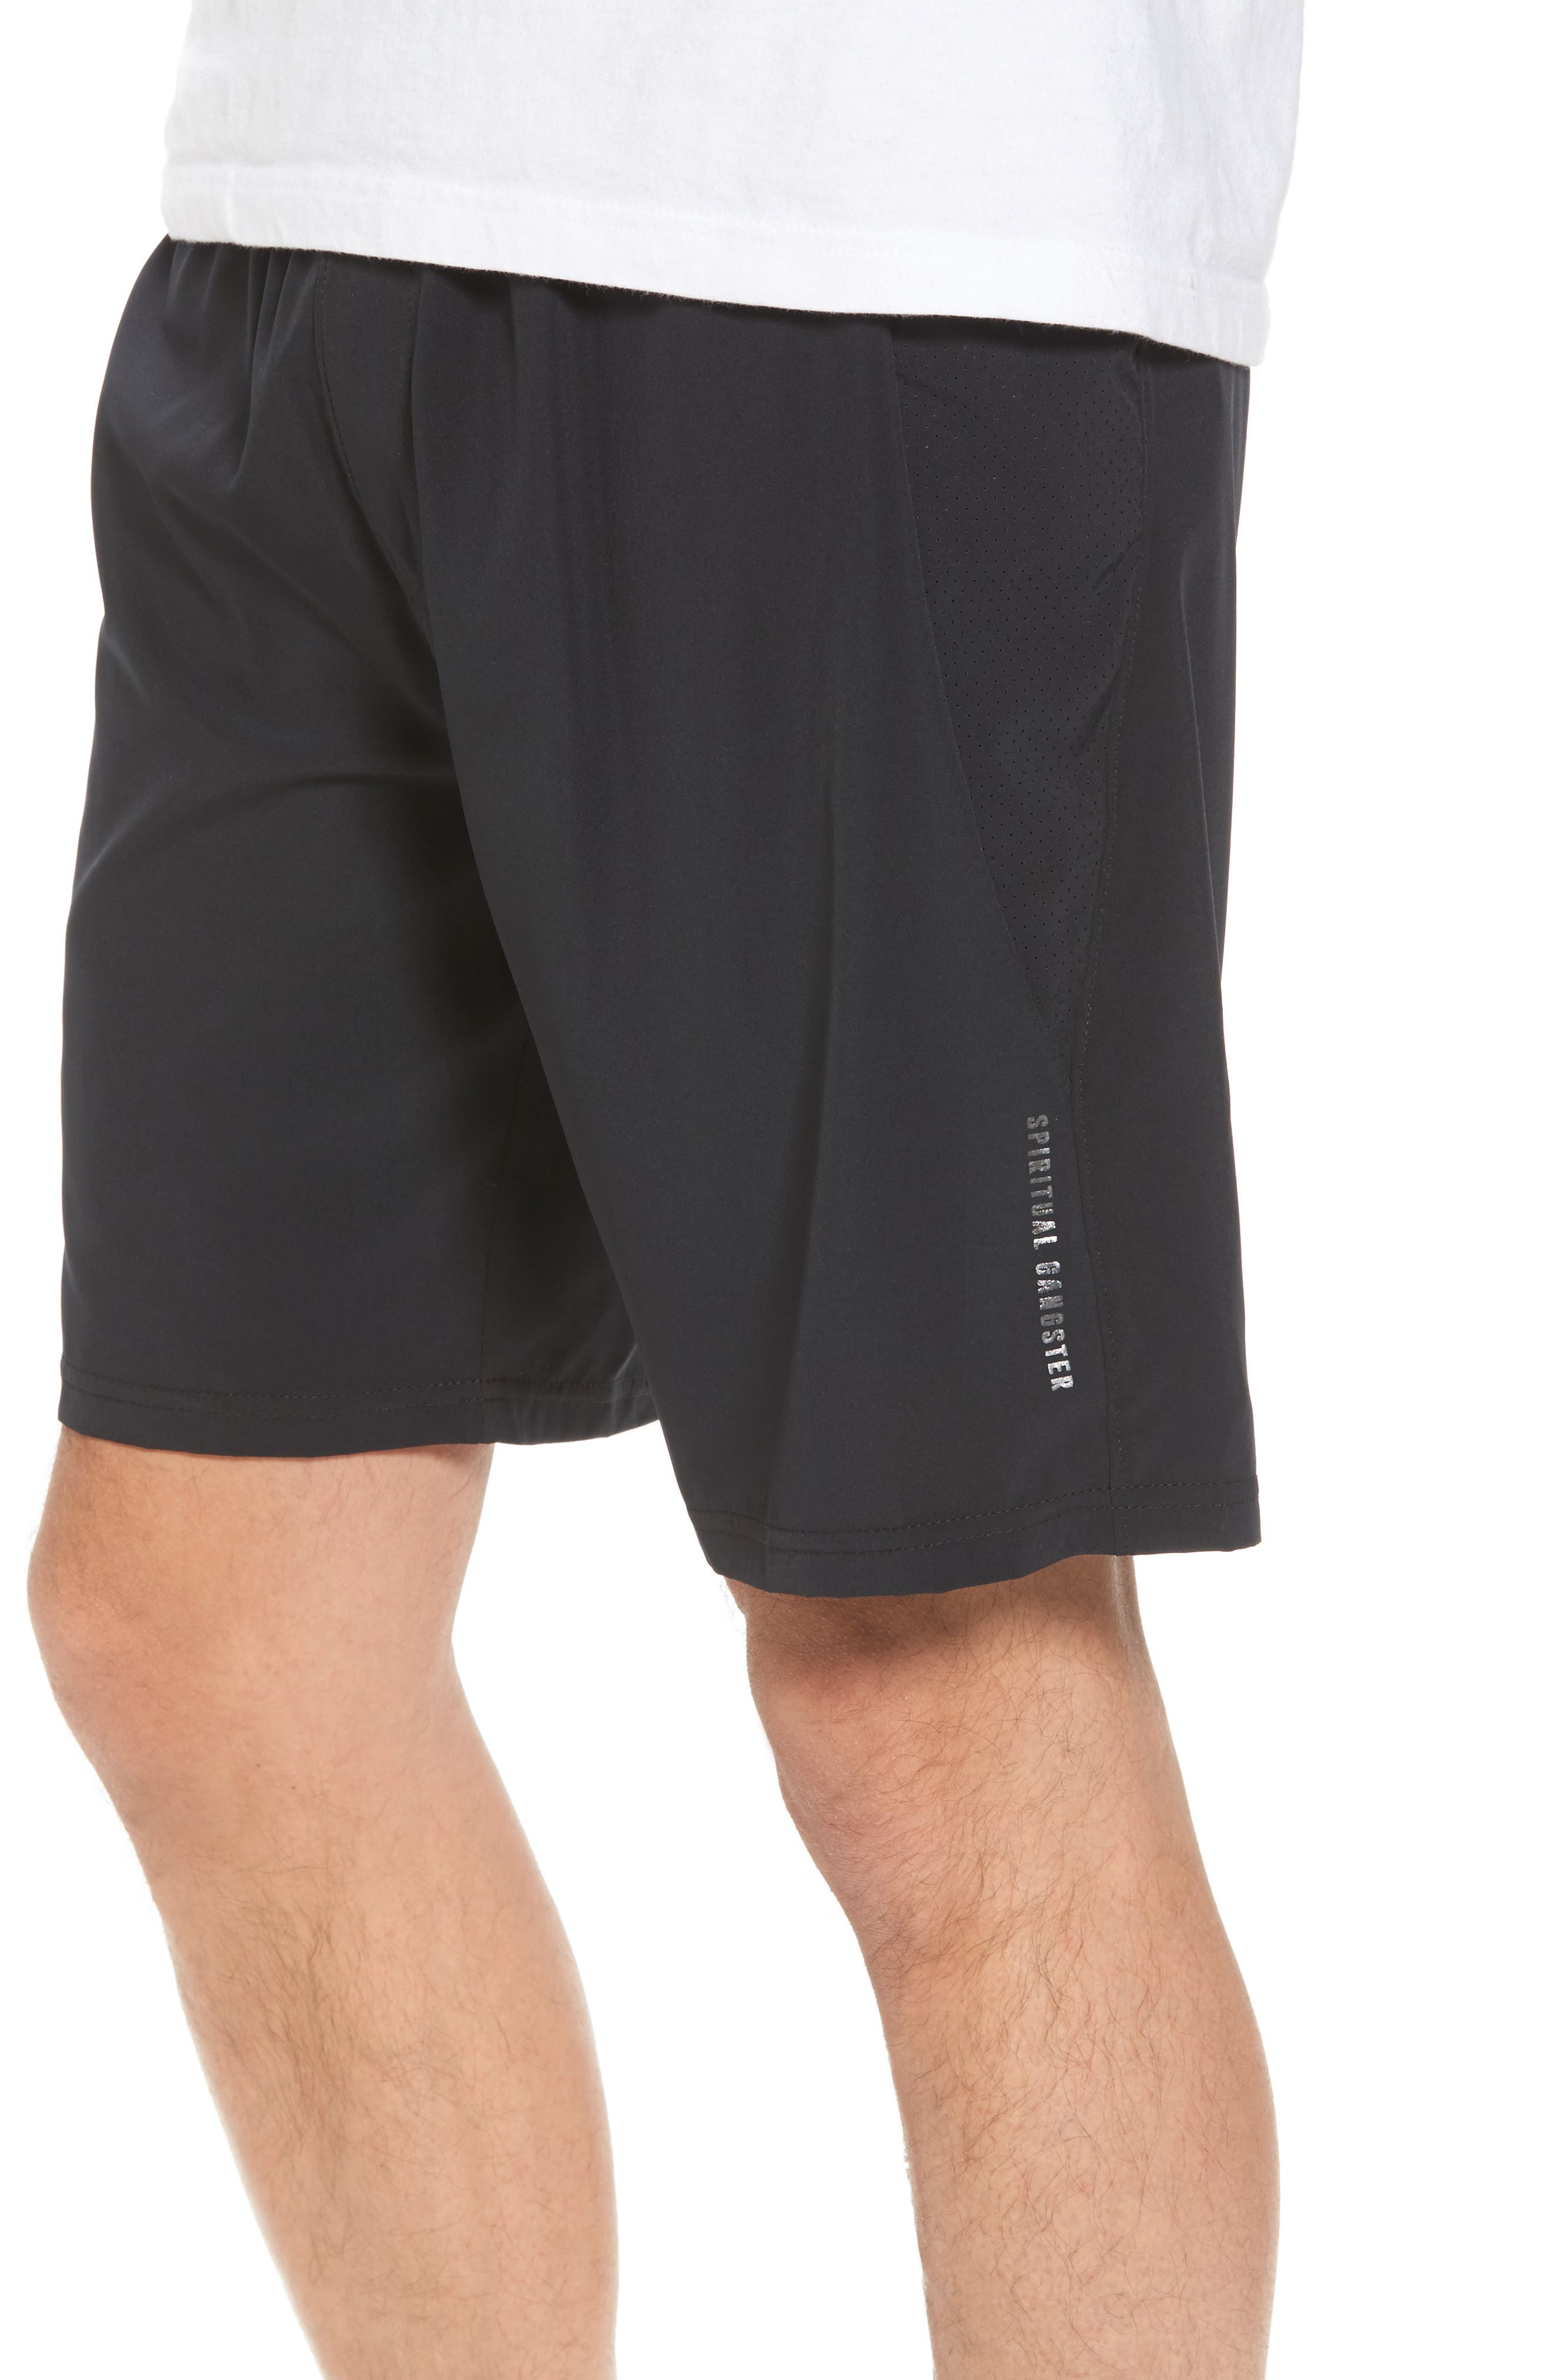 Ignite Shorts,                             Alternate thumbnail 3, color,                             001